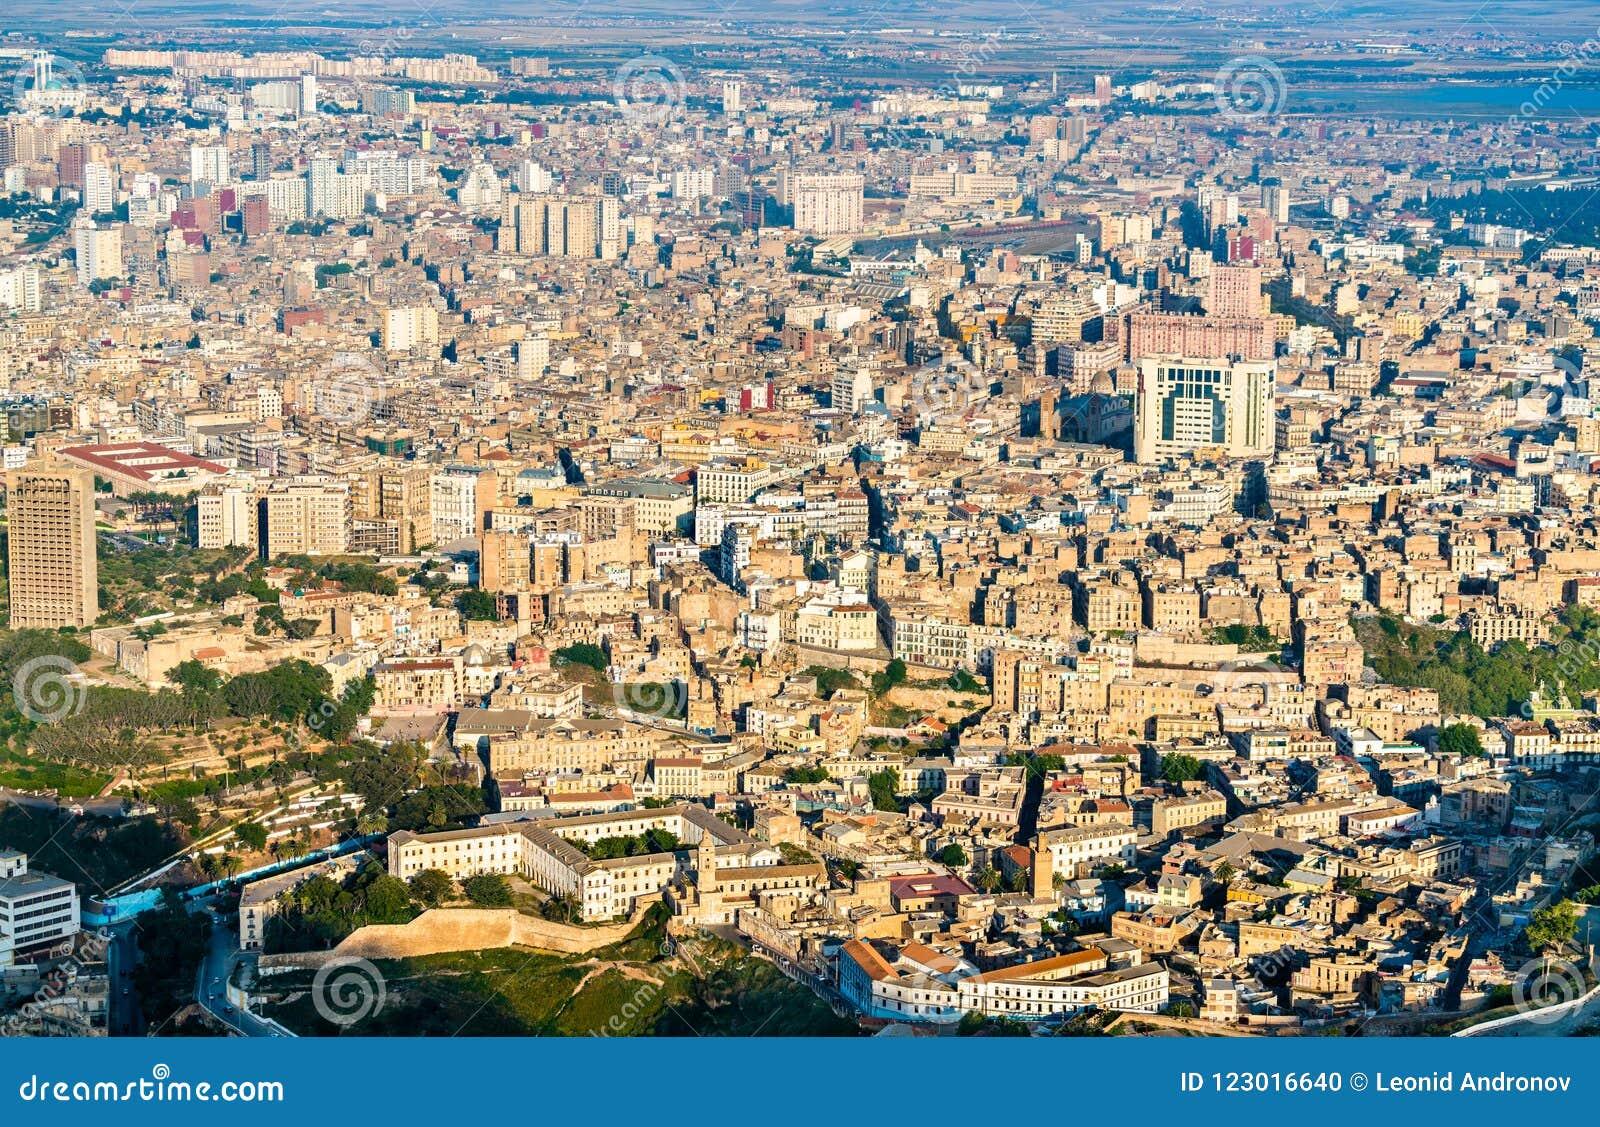 algerisk stad tjejer i ackas söker kk kontakt